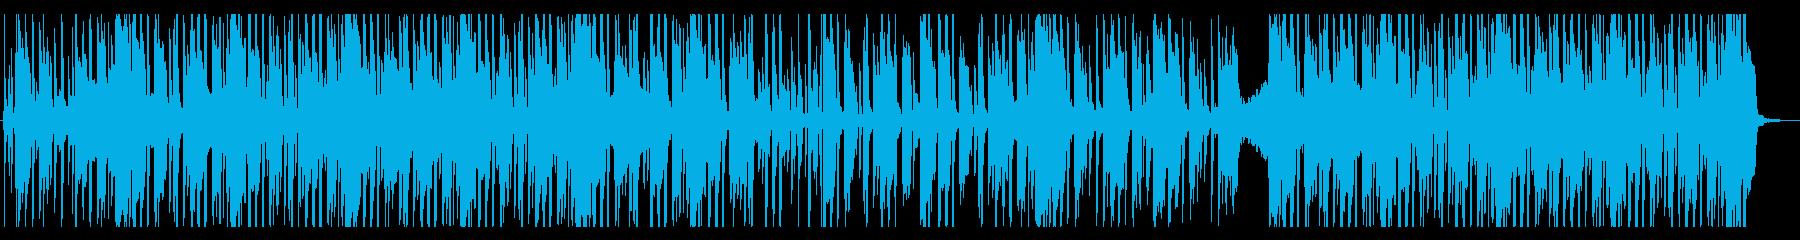 レトロ ビンテージ リラックス の...の再生済みの波形